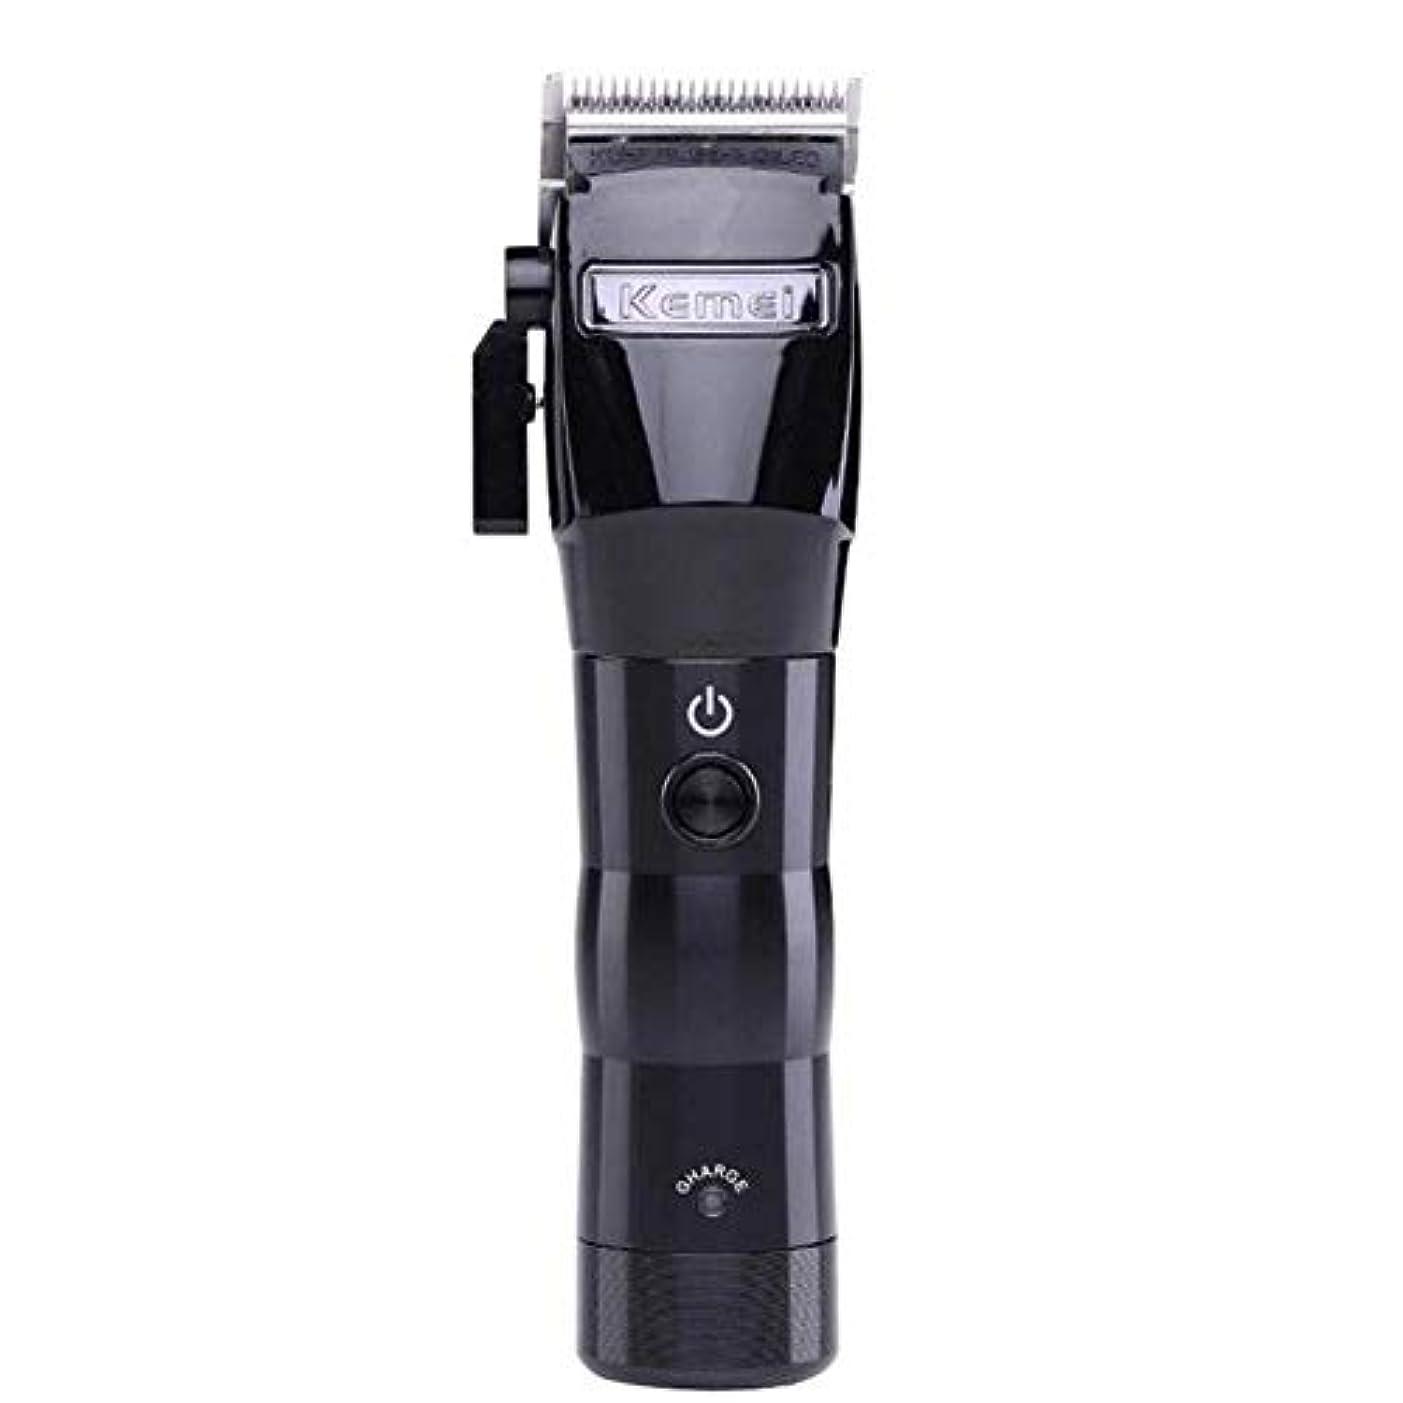 テンションセージ同化バリカン男性メンズ電気ワイヤレスバリカントリマー強力な充電式プロフェッショナル美容鋏メンズホームバリカン